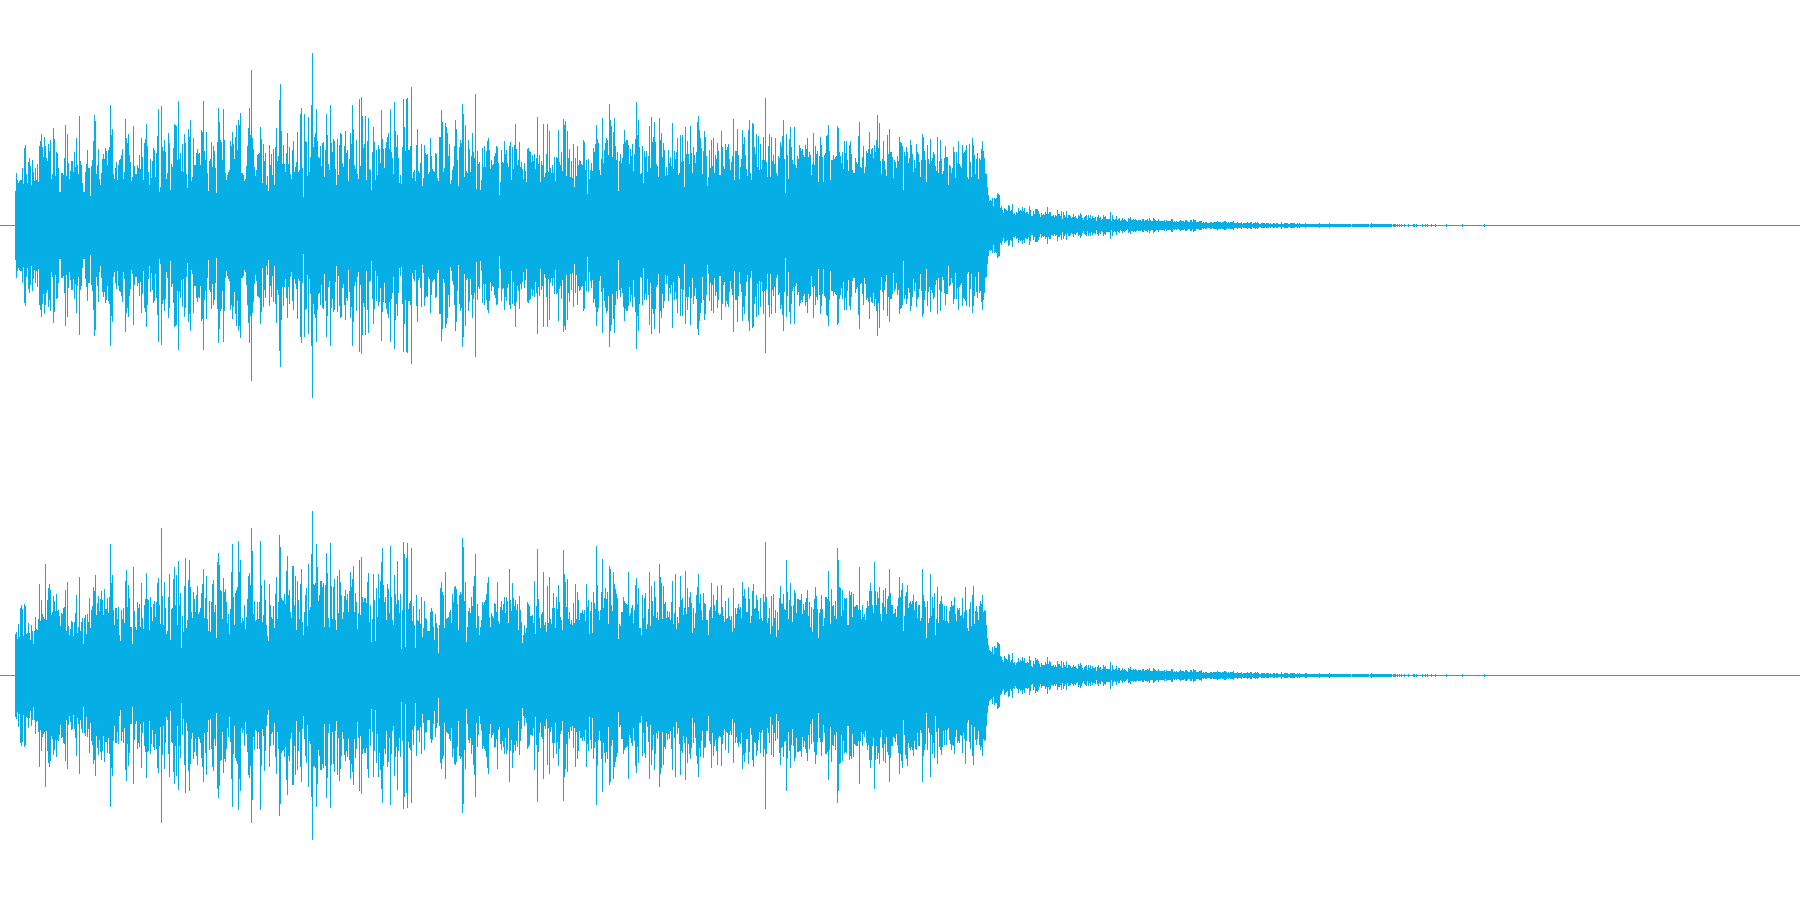 強めの風魔法の効果音(つむじ風有り)の再生済みの波形